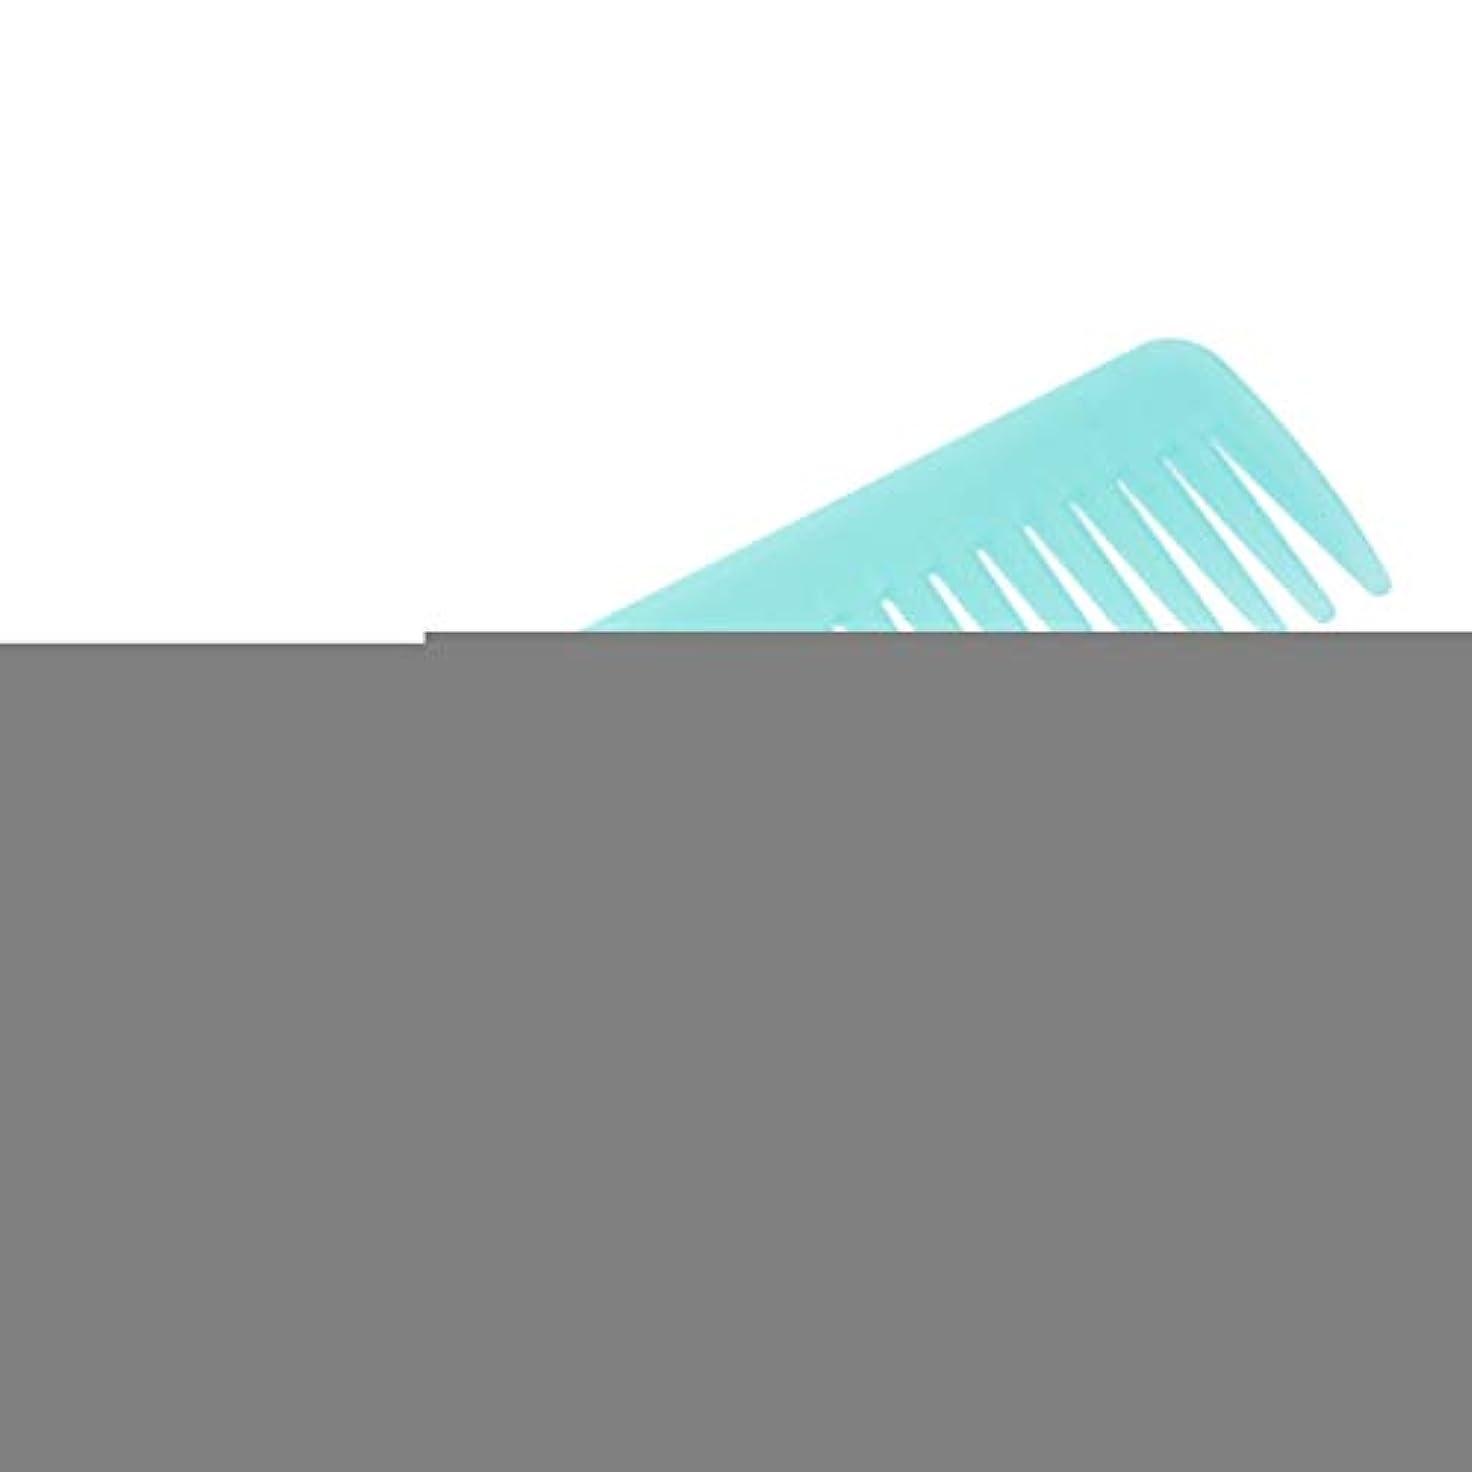 捧げるキロメートル不健康プロの髪のくしゃくしゃヘアーコンディションの櫛幅のあるヘアブラシ - A